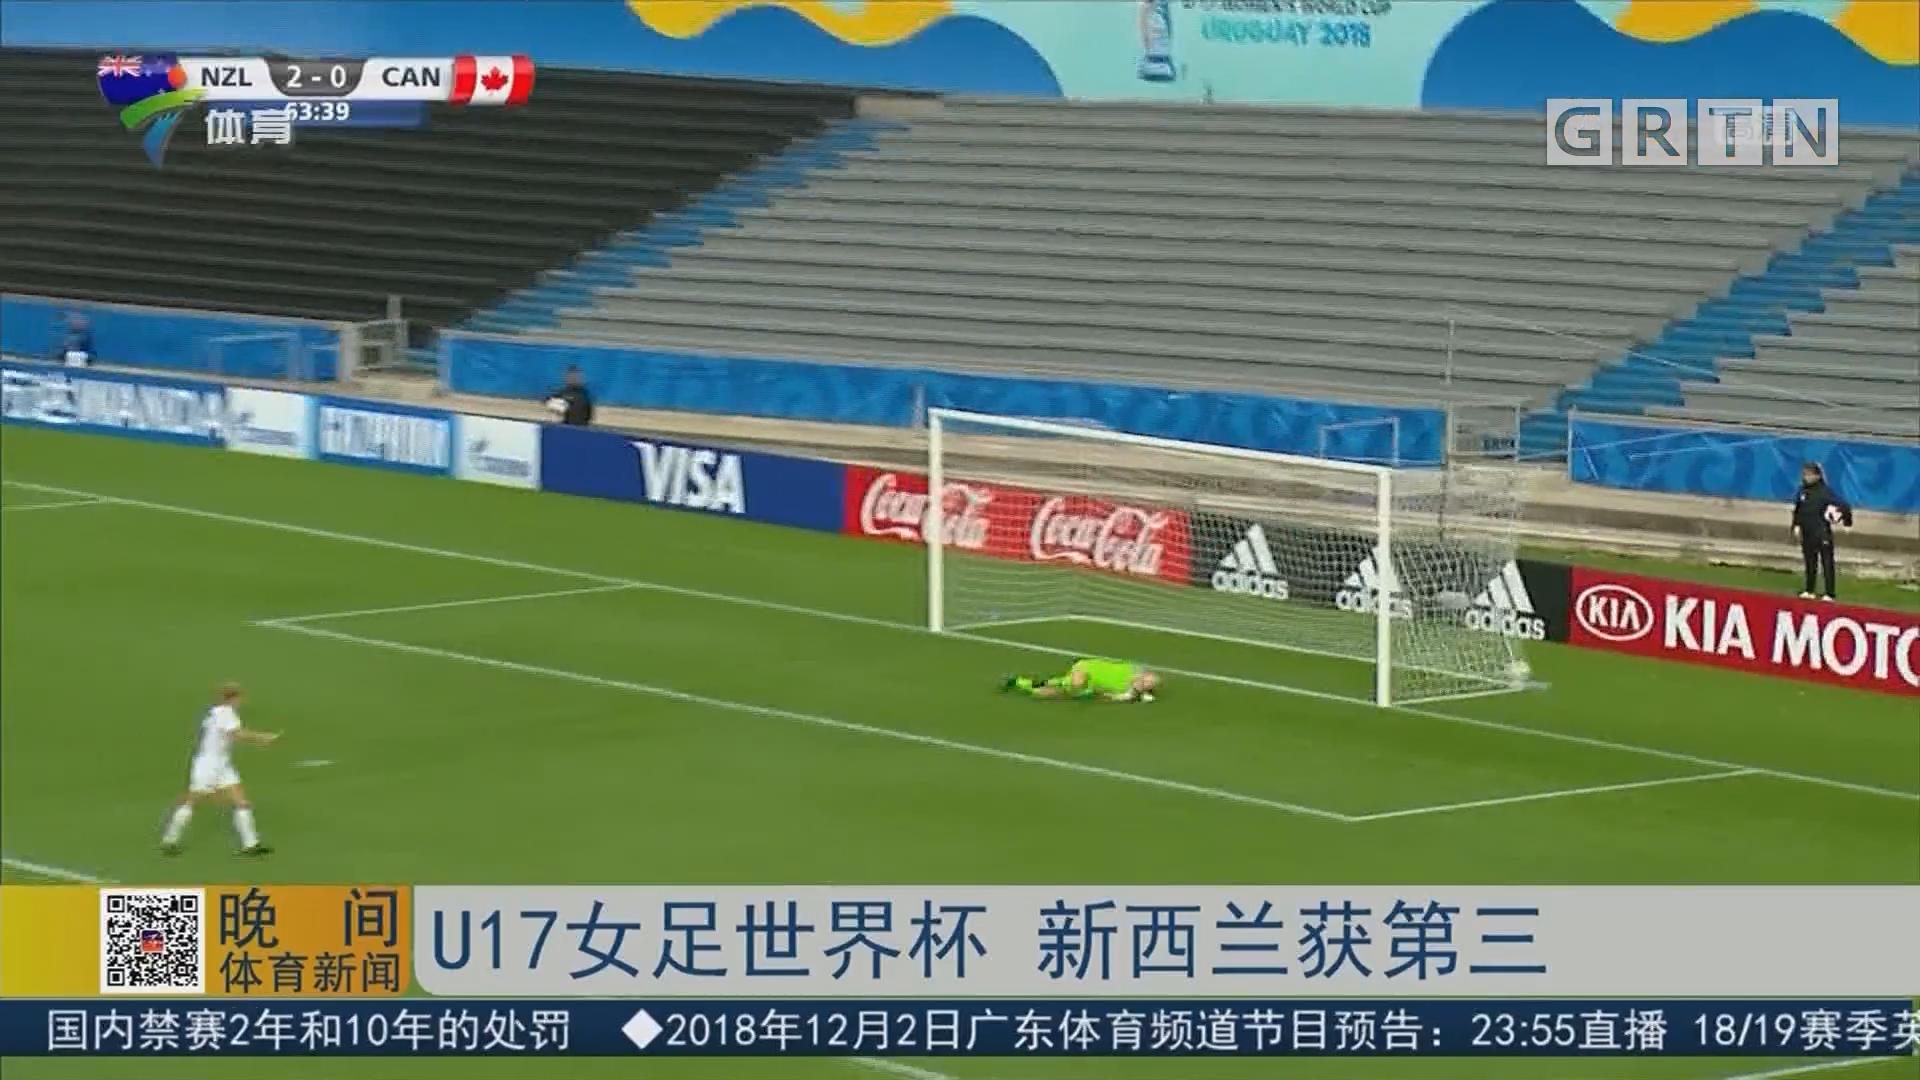 U17女足世界杯 新西兰获第三